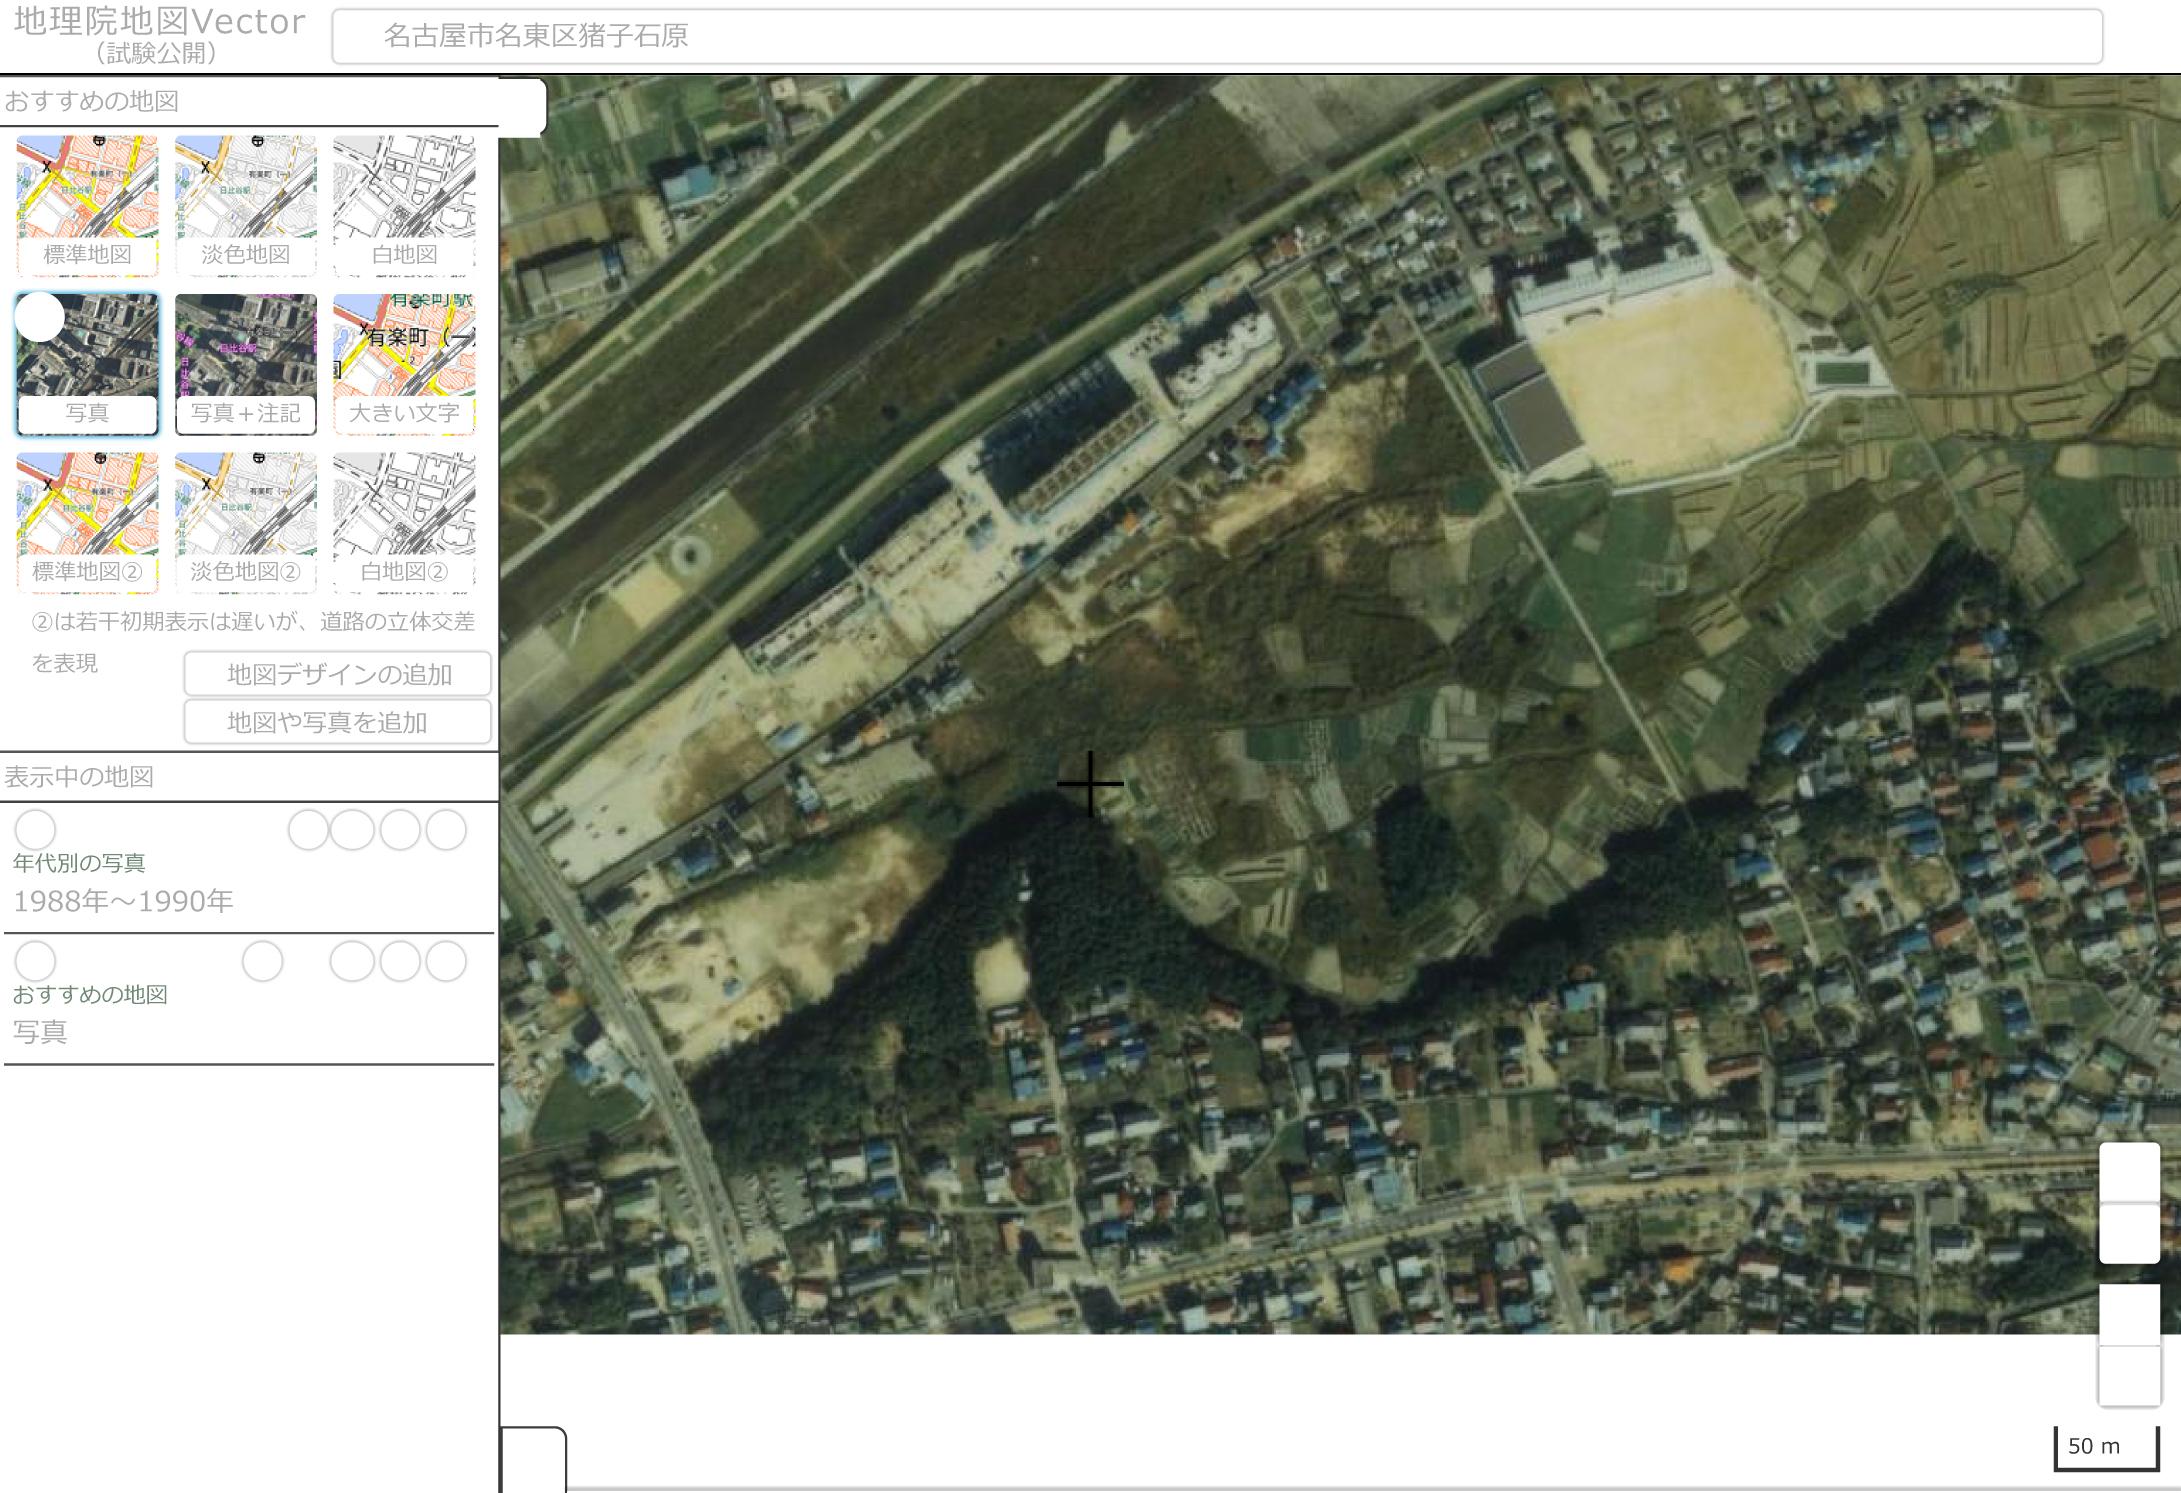 地理院地図Vector|国土地理院1990